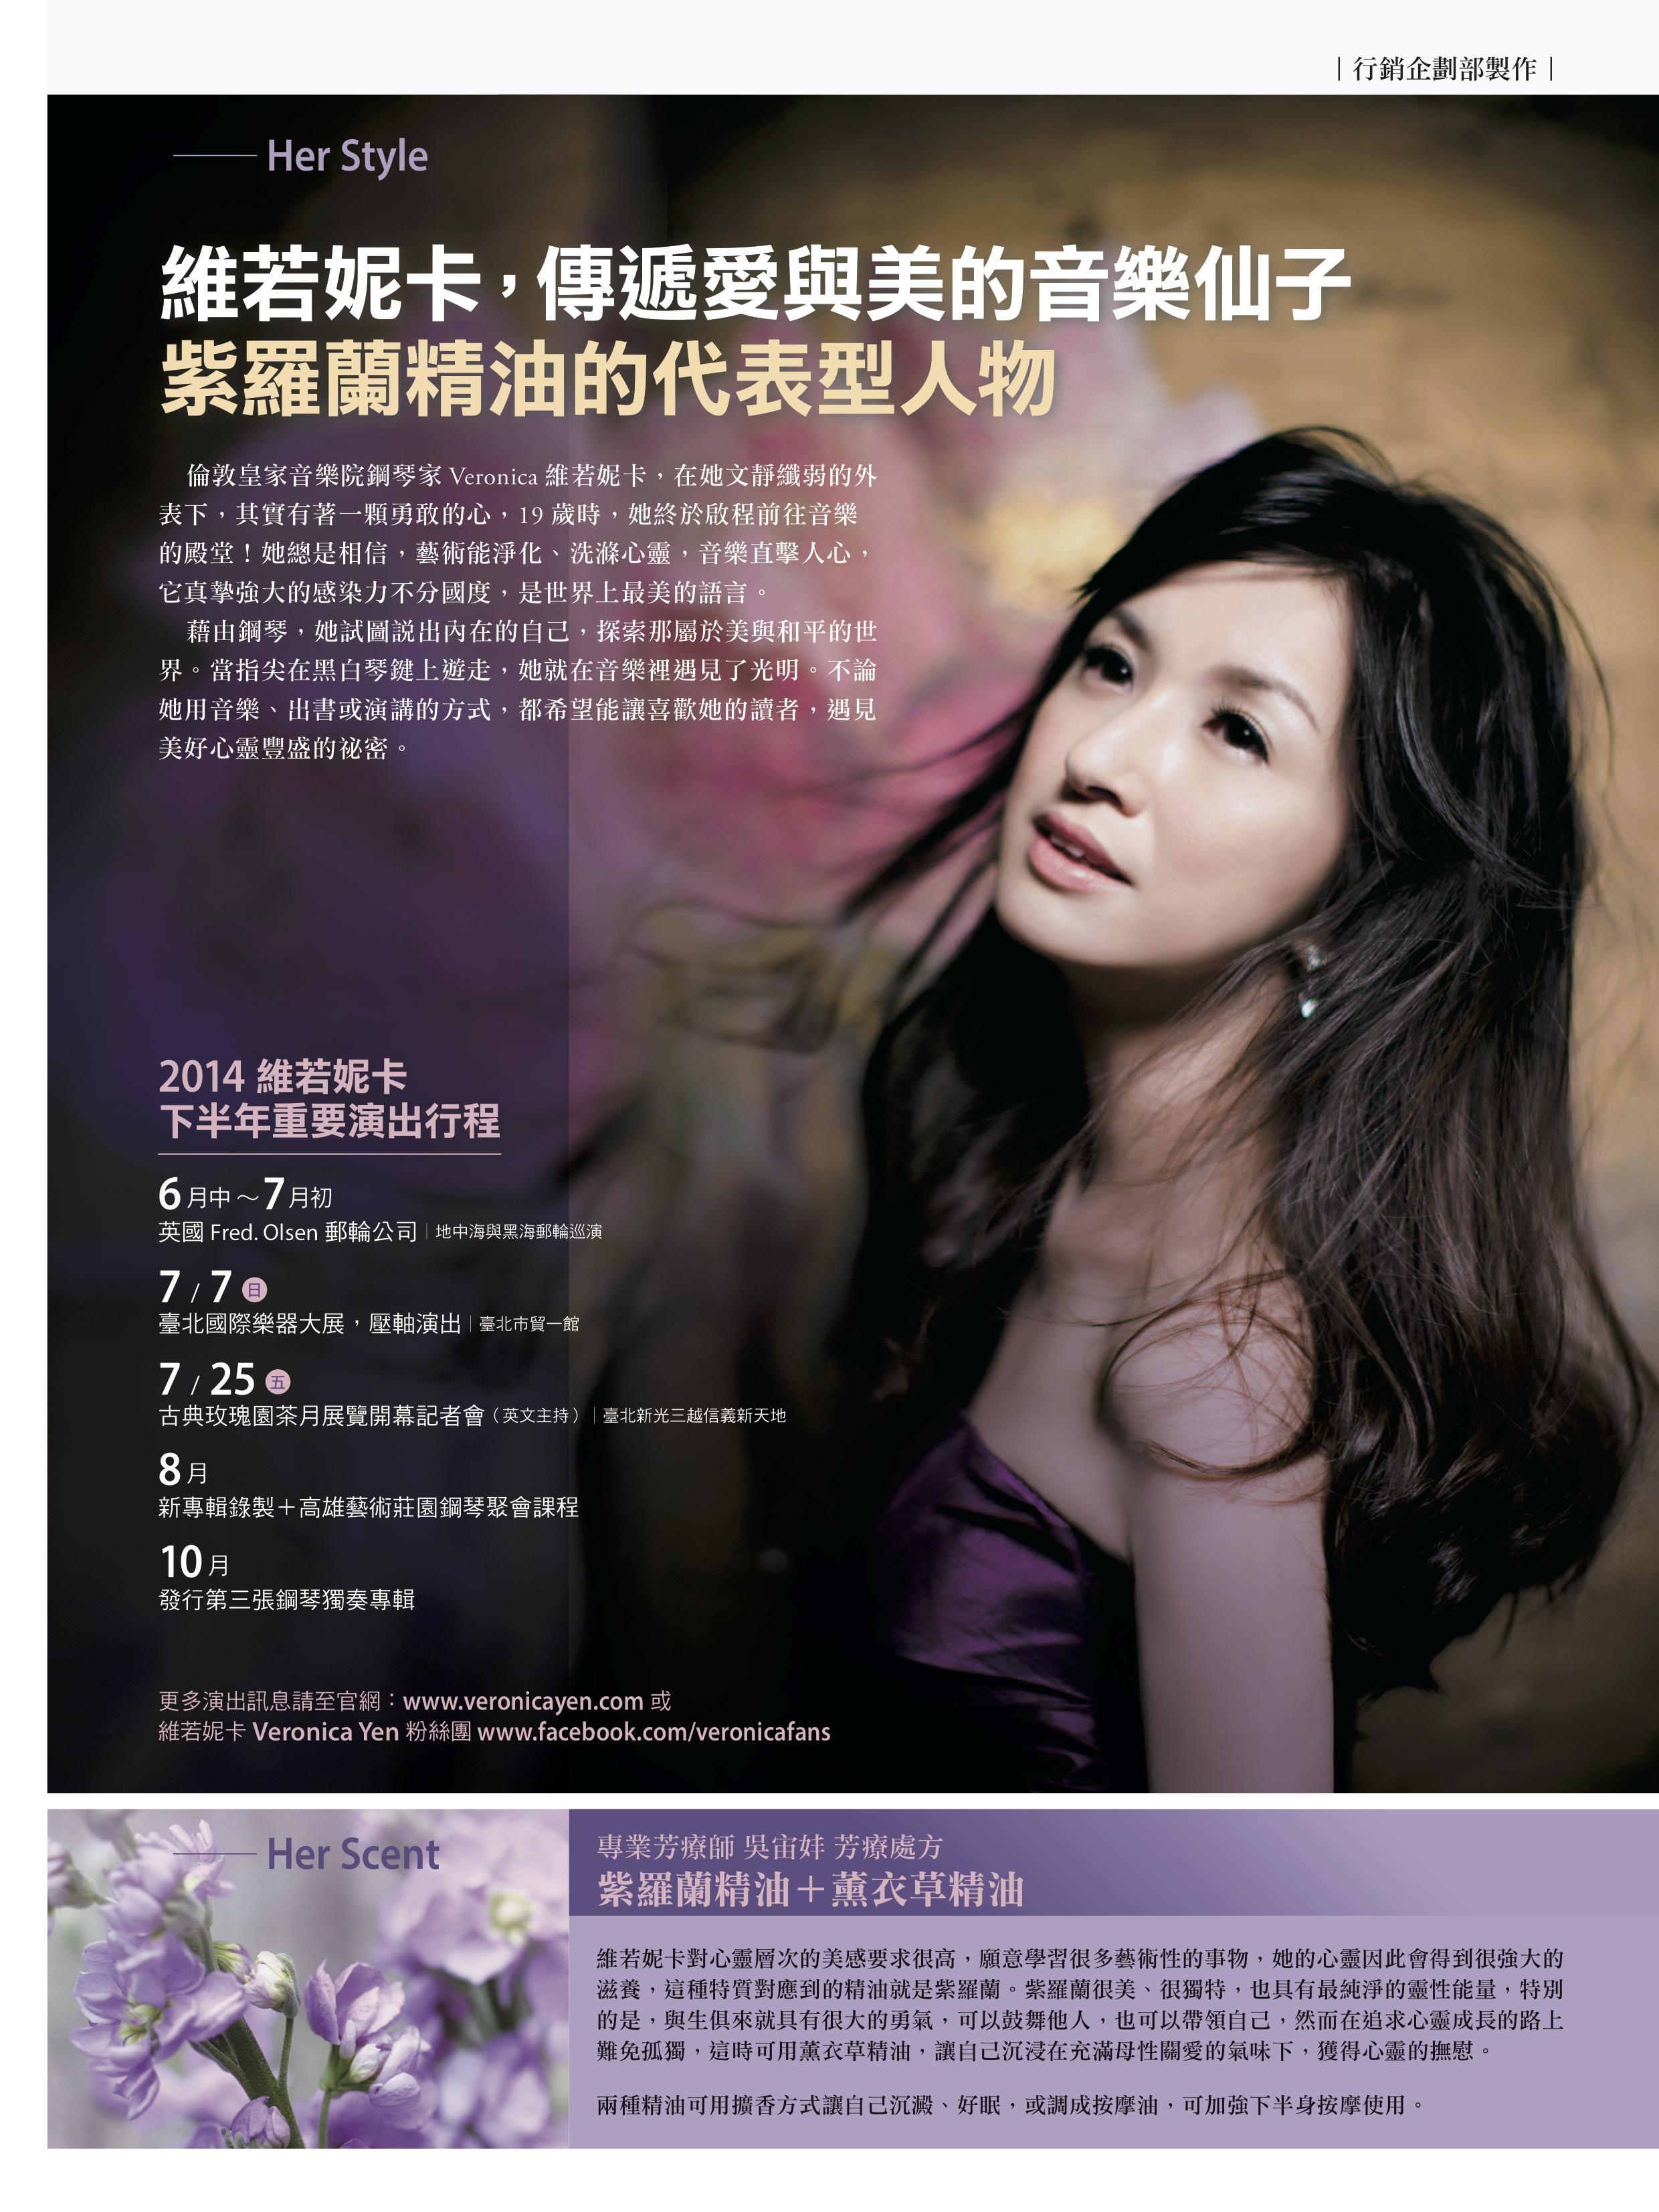 p41-43_Veronica 音樂會x3p_第五期_香沏.jpg